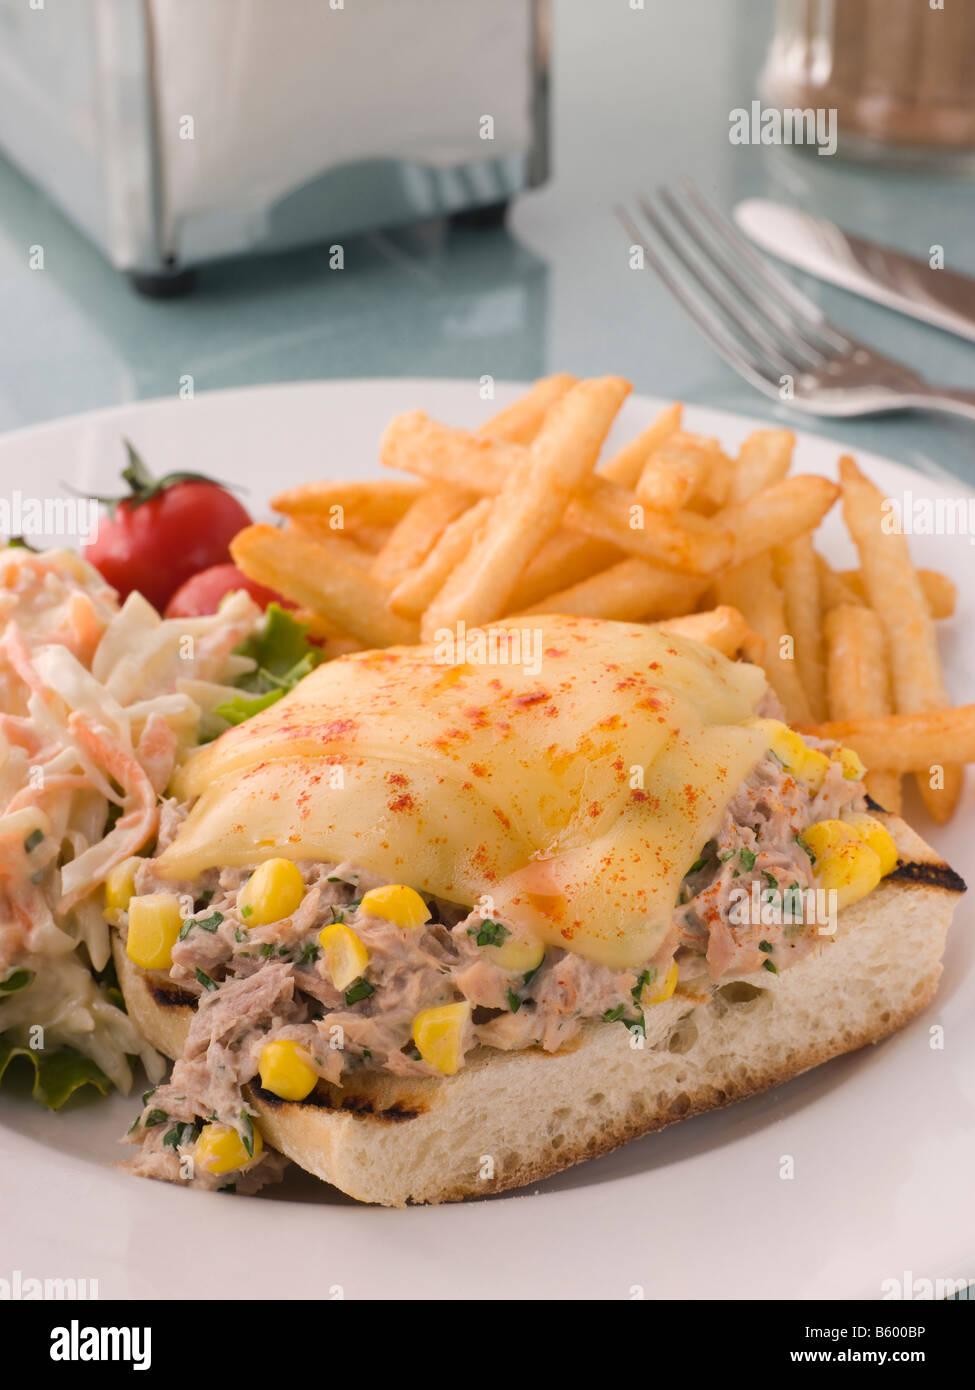 Offenen Thunfisch und süßen Mais verschmelzen mit Krautsalat und Pommes frites Stockfoto